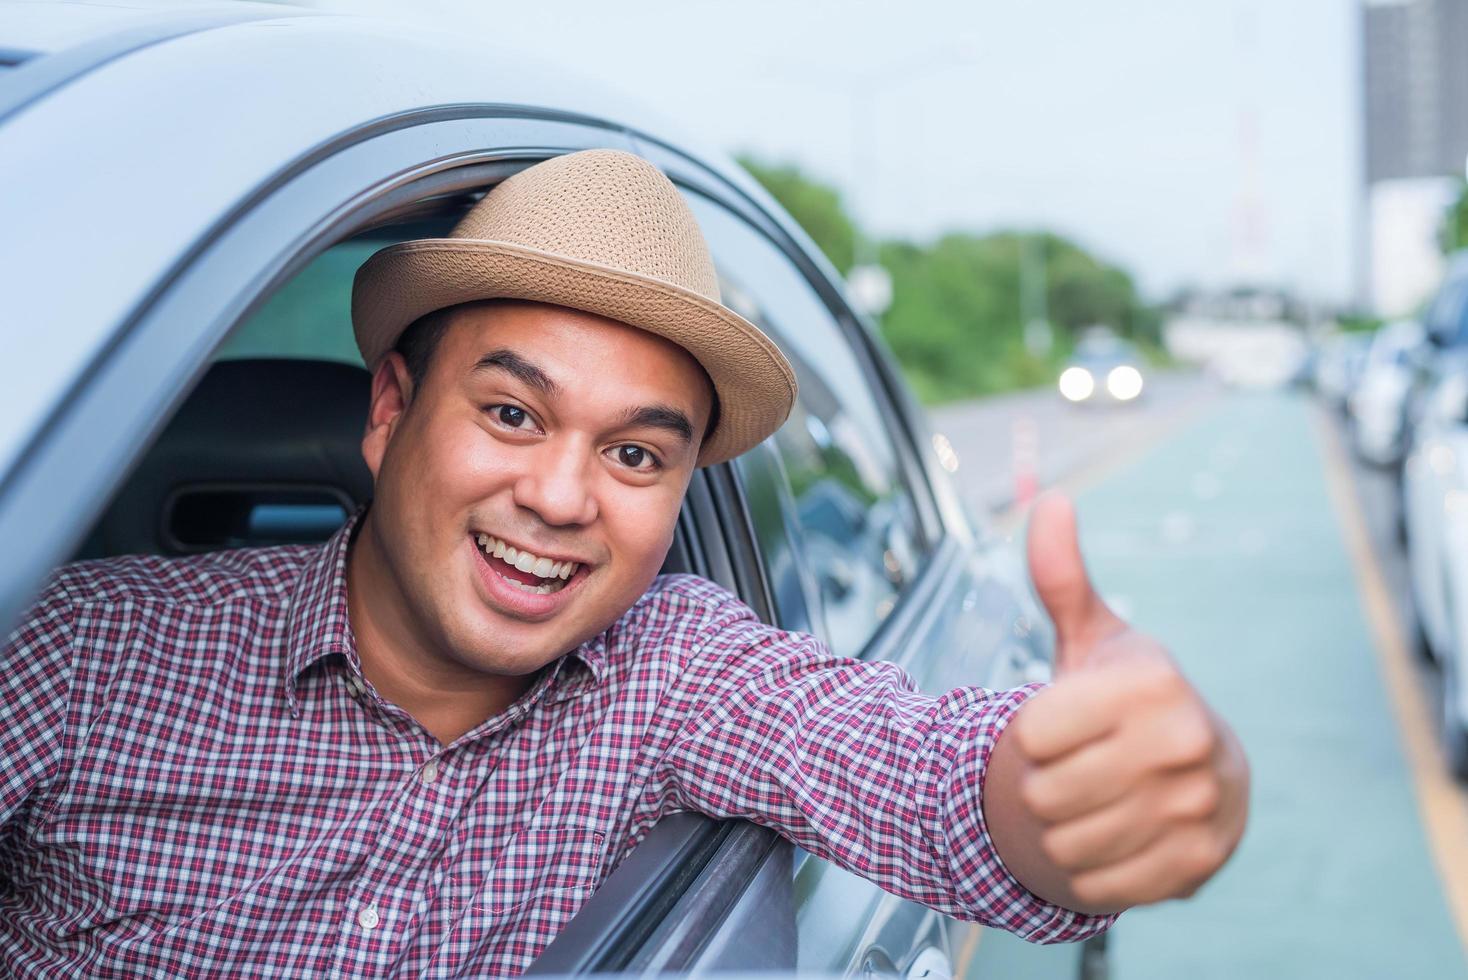 Mann gibt Daumen aus dem Autofenster foto